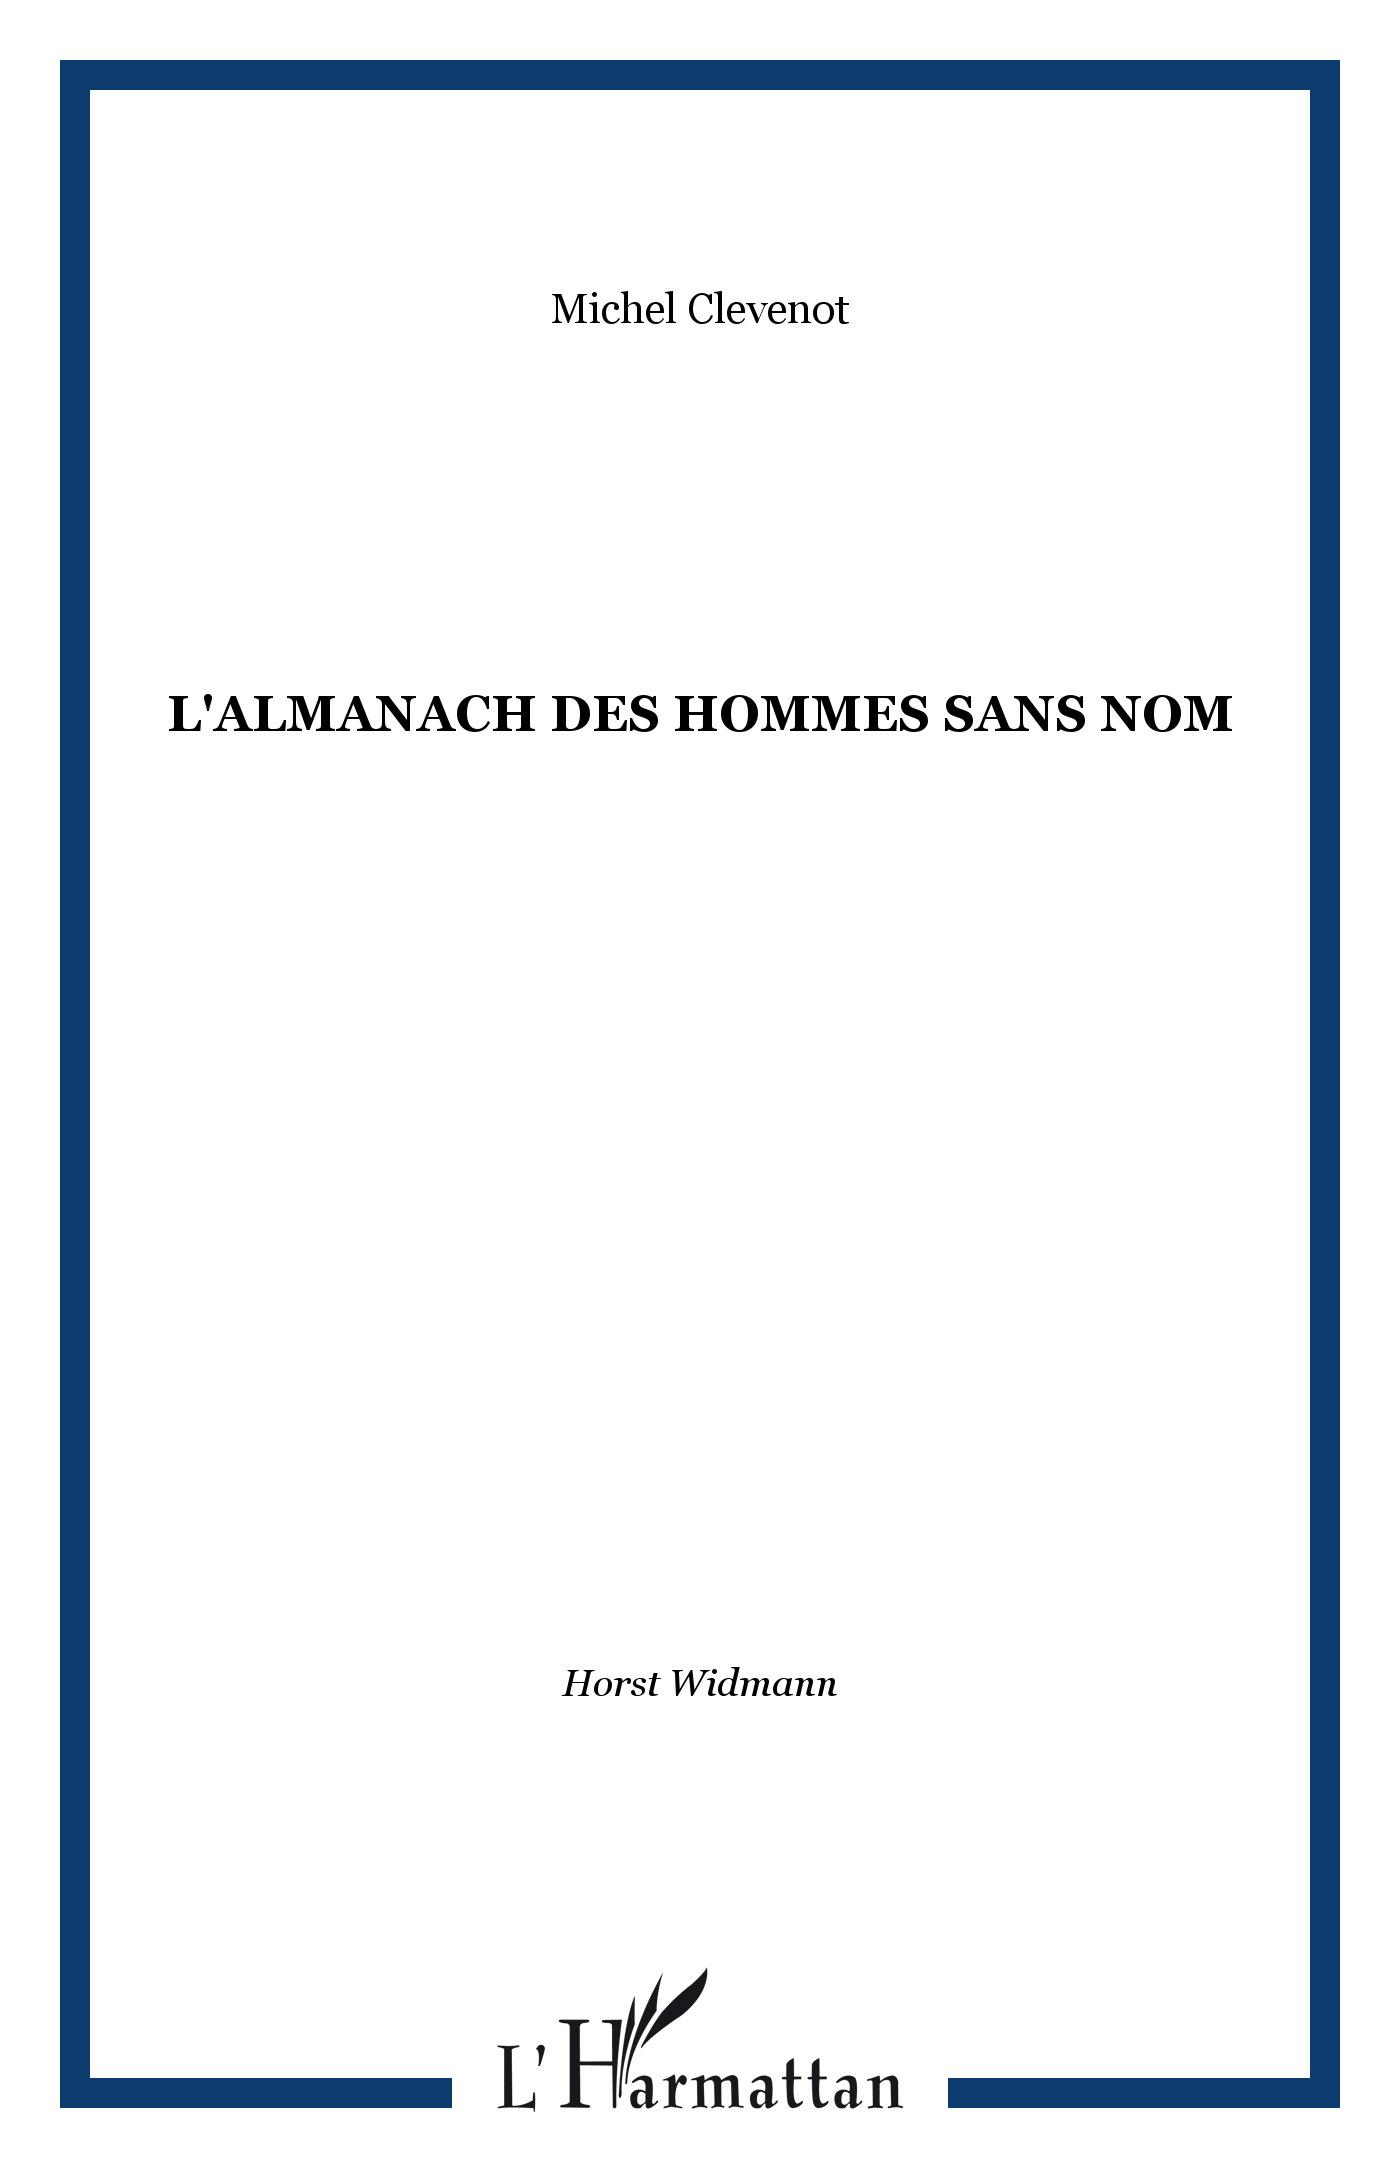 Le Livre Sans Nom Ebook